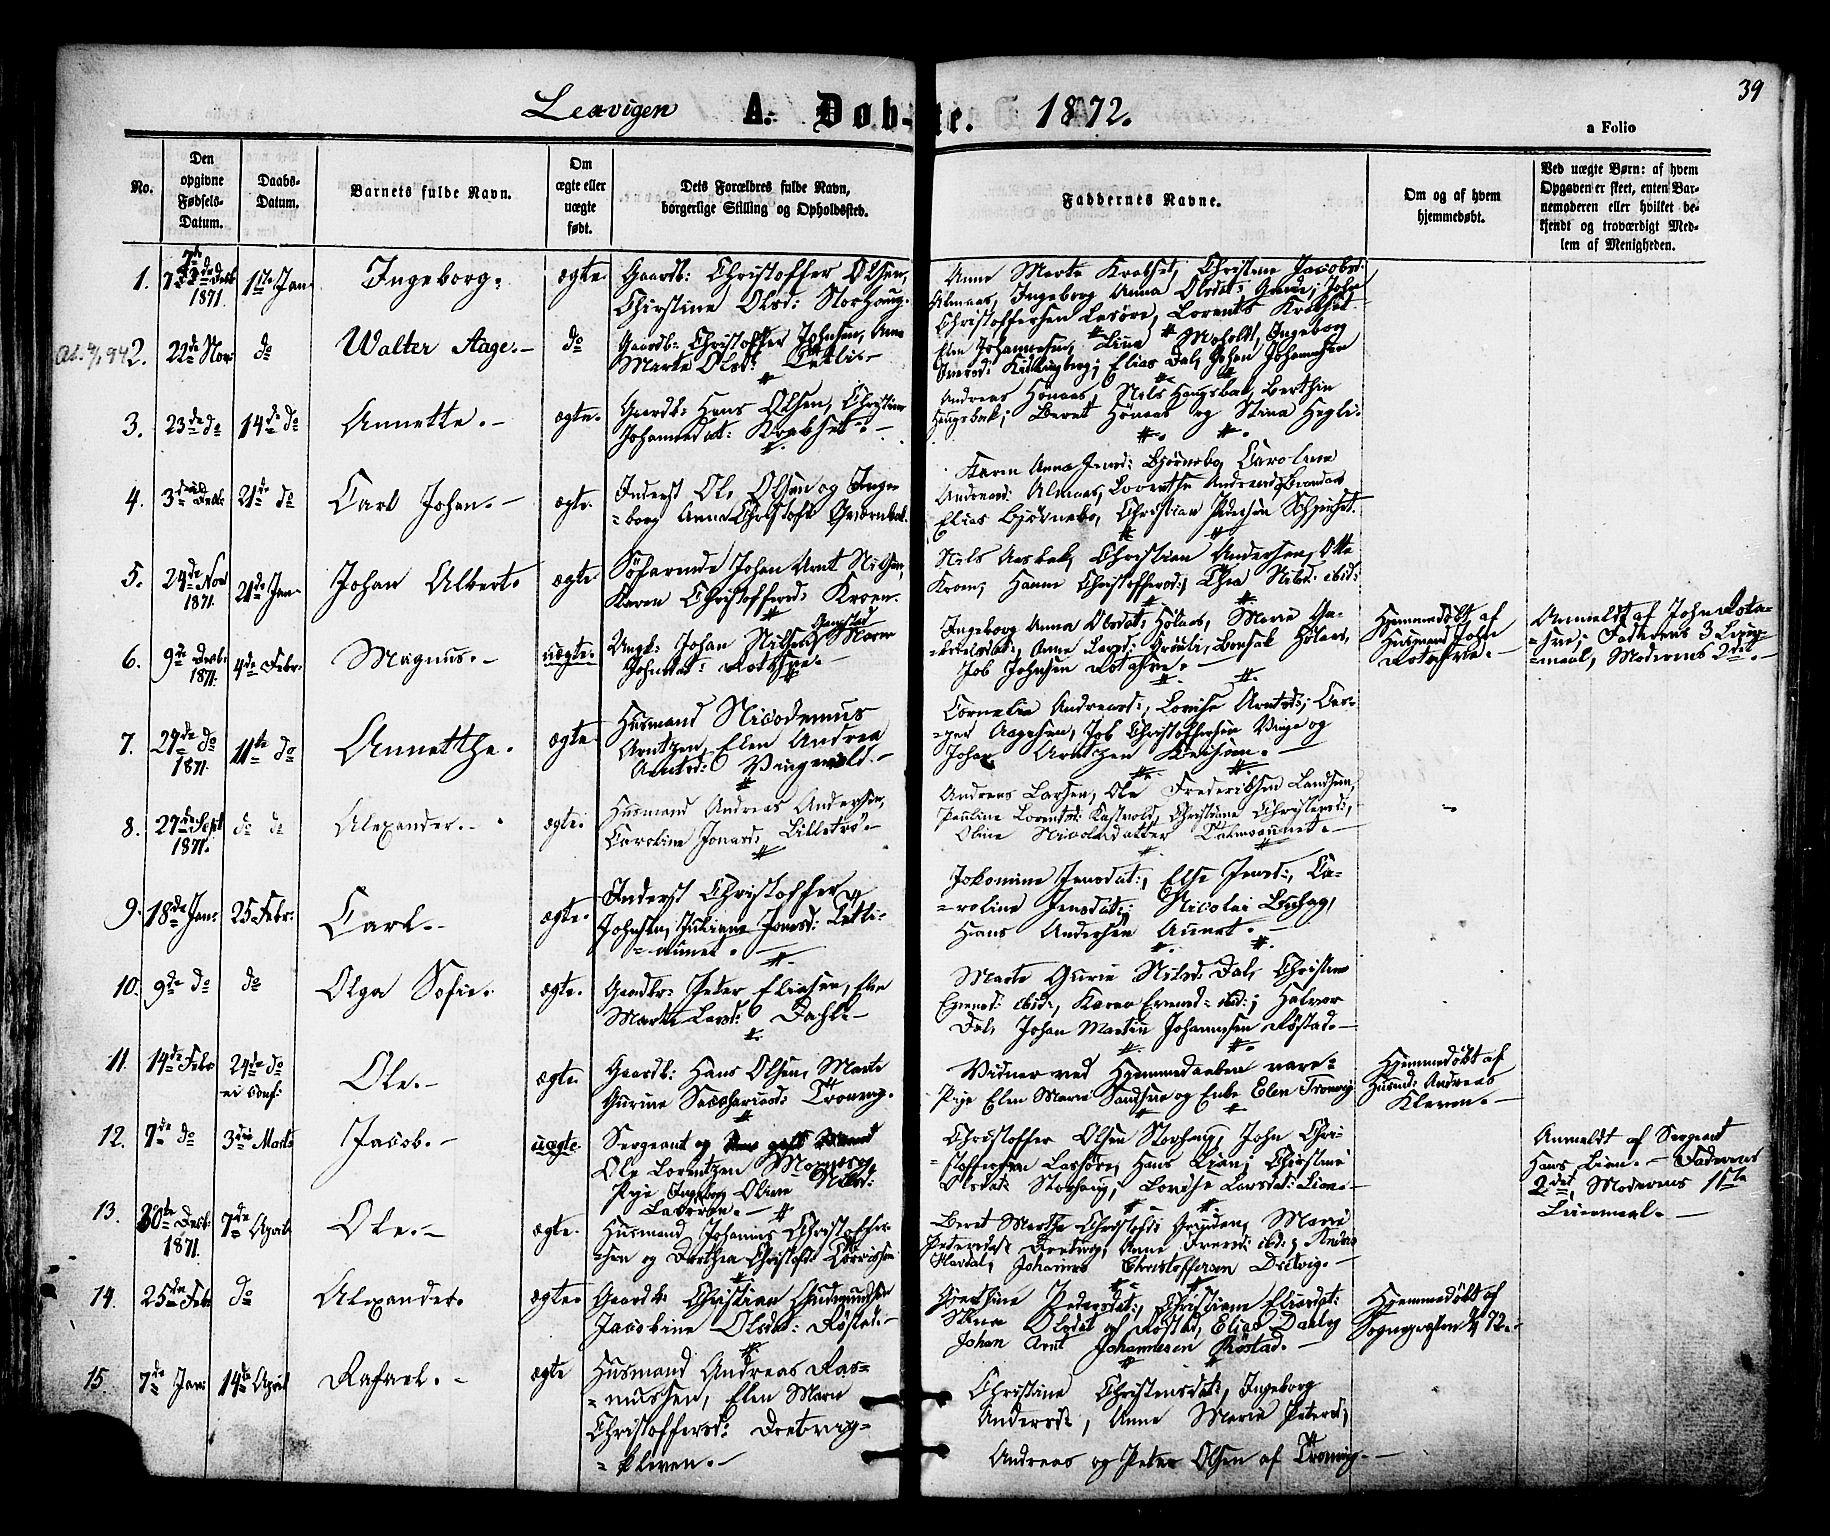 SAT, Ministerialprotokoller, klokkerbøker og fødselsregistre - Nord-Trøndelag, 701/L0009: Ministerialbok nr. 701A09 /1, 1864-1882, s. 39